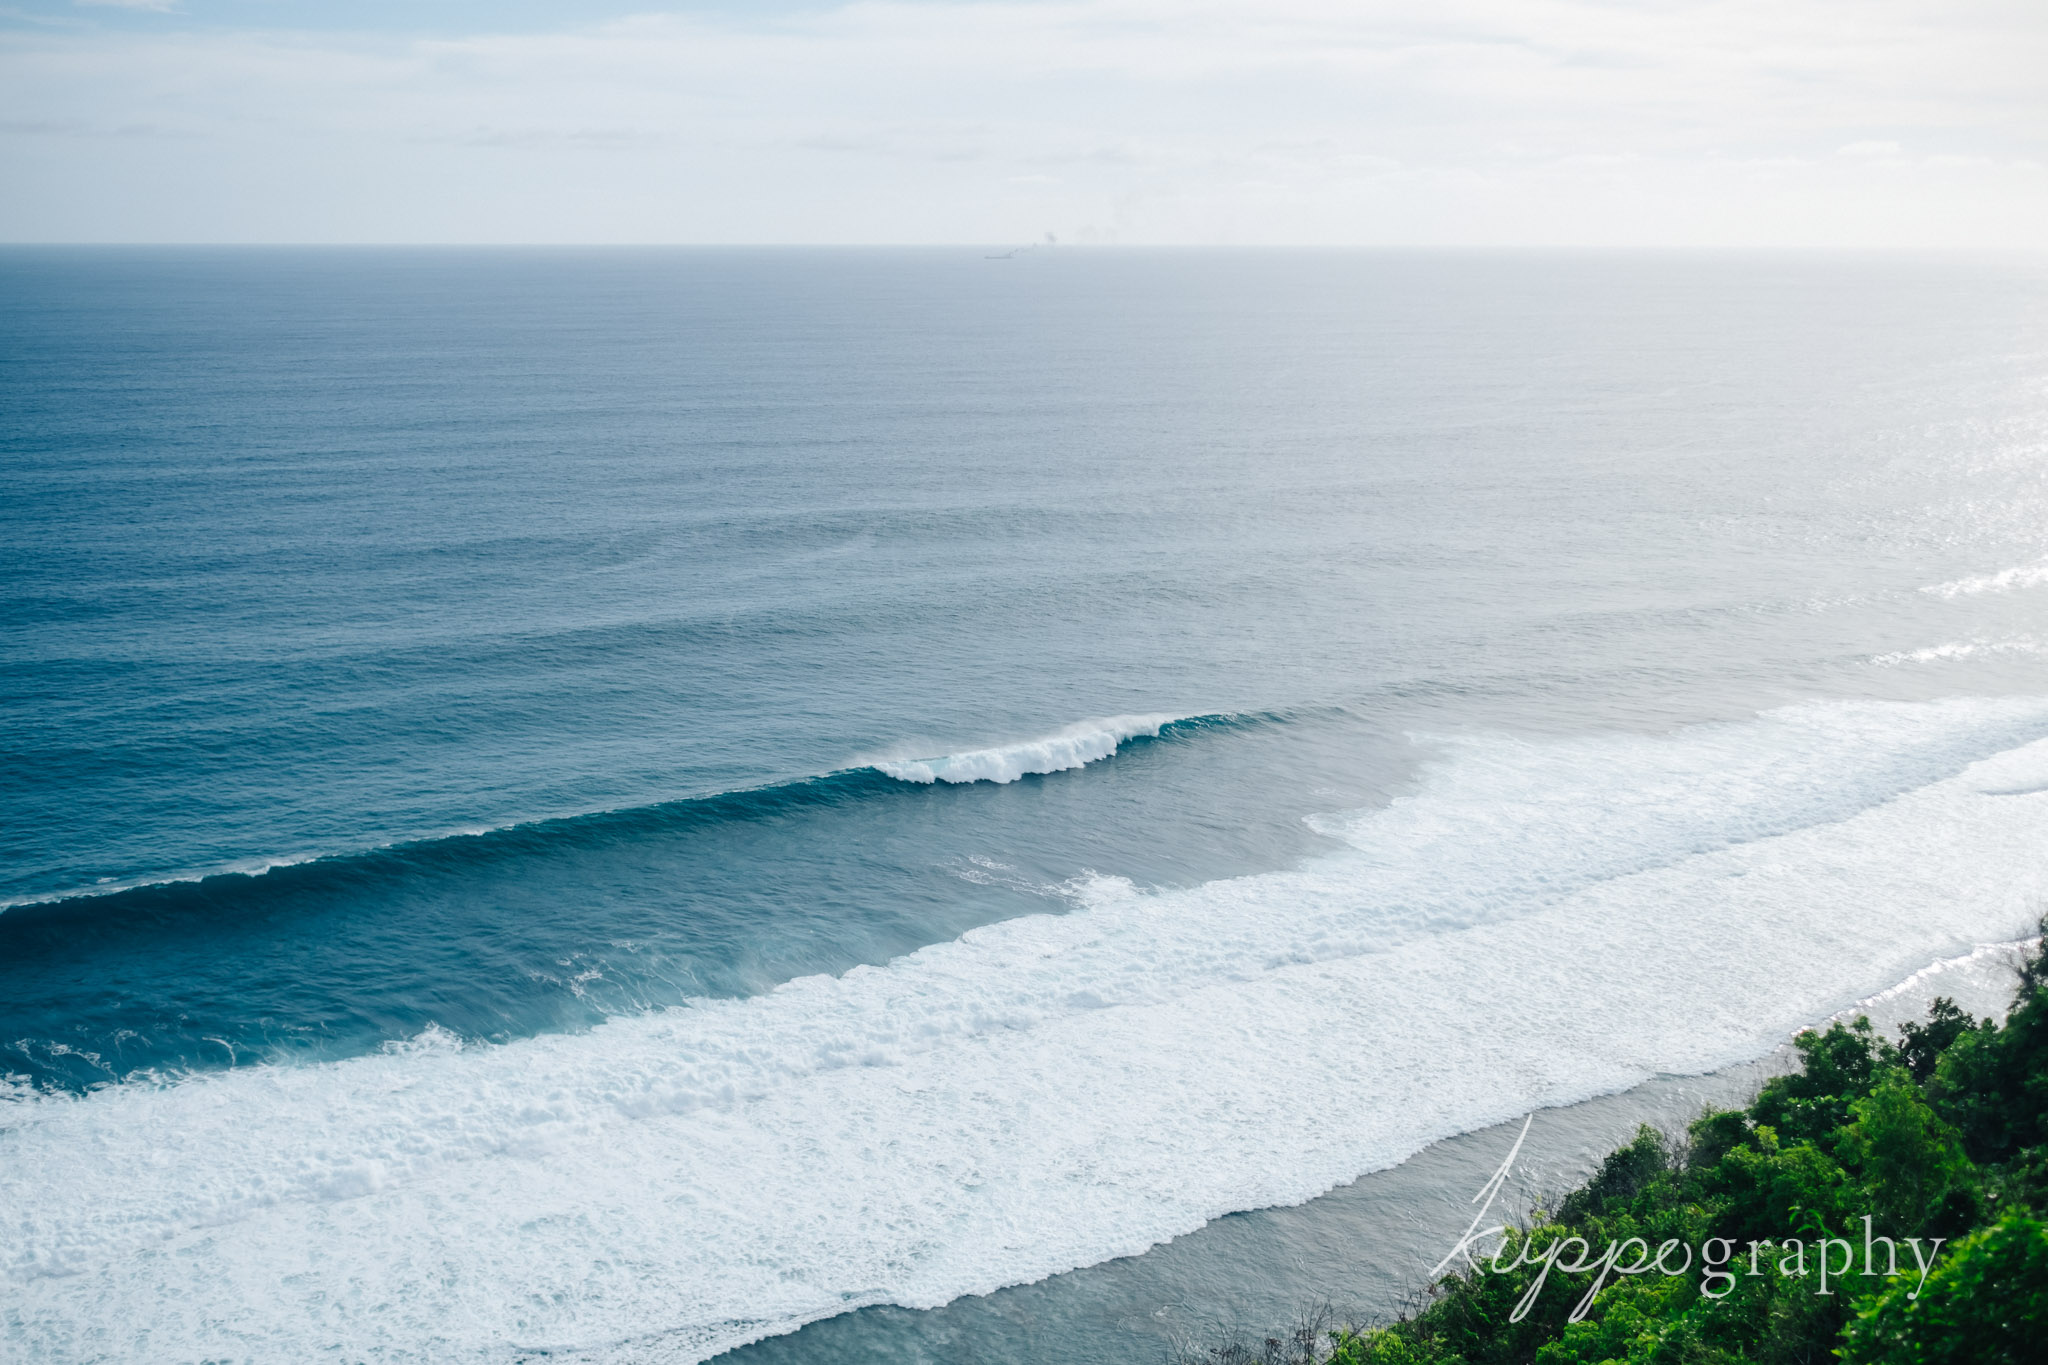 クリフエッジカバナから見える海